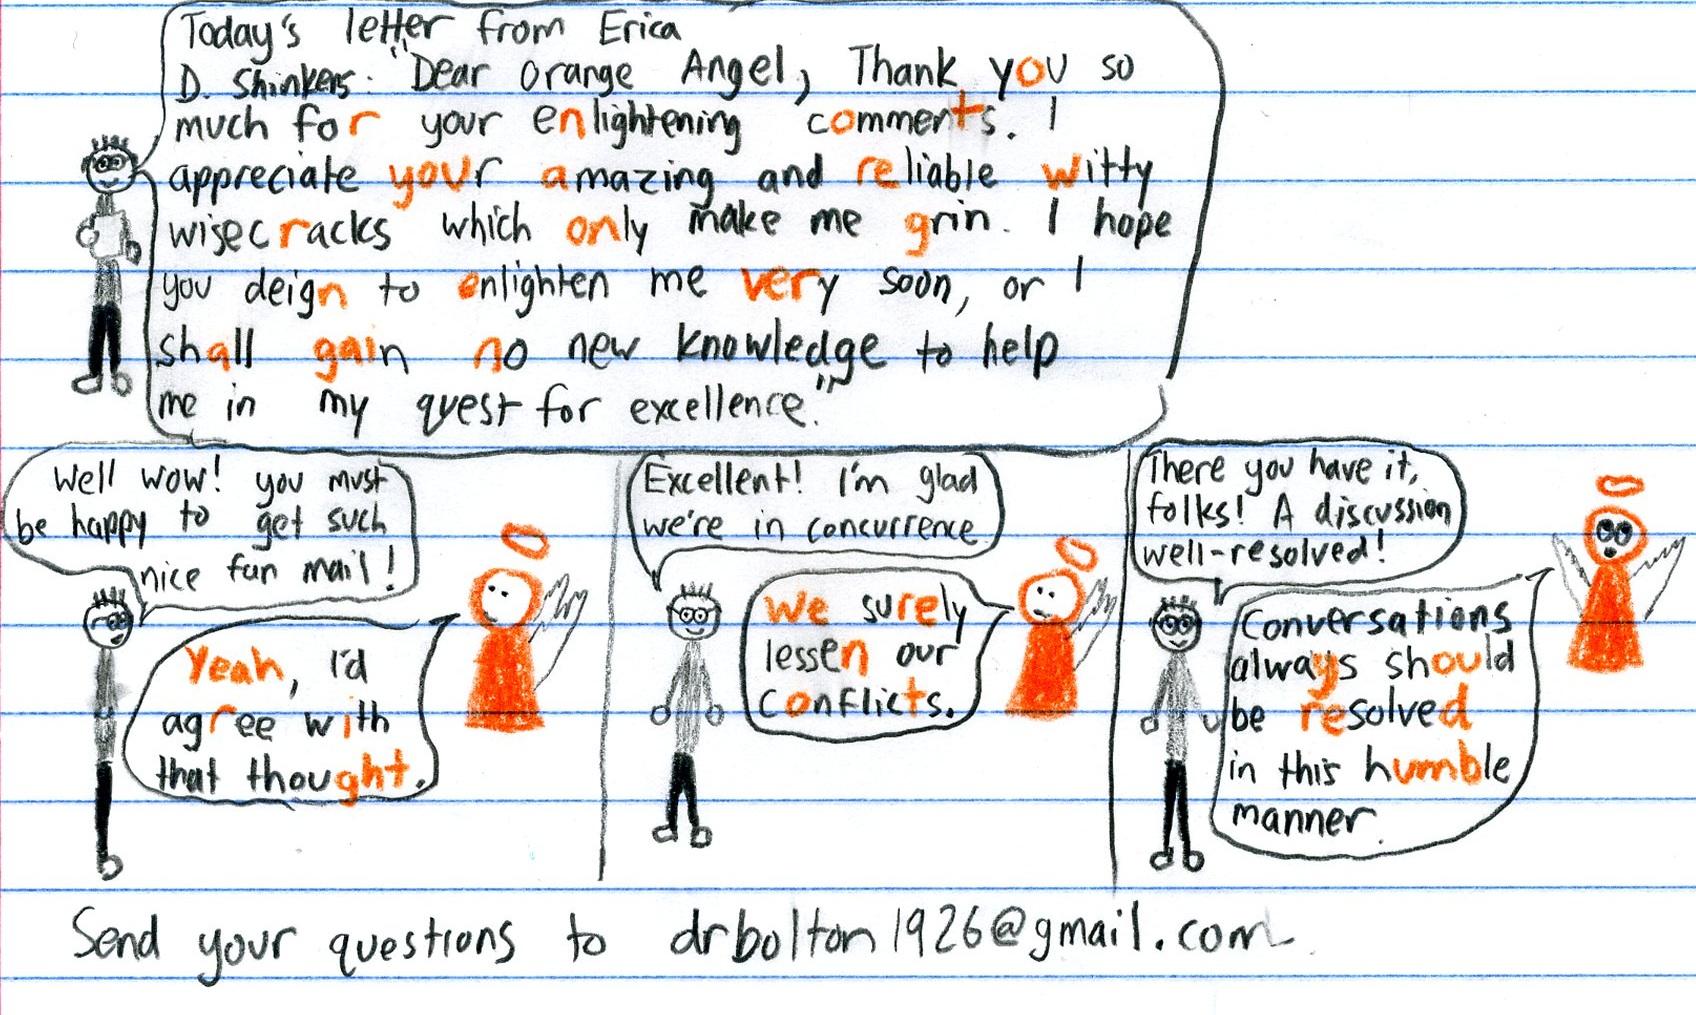 Orange Angel Fan Mail